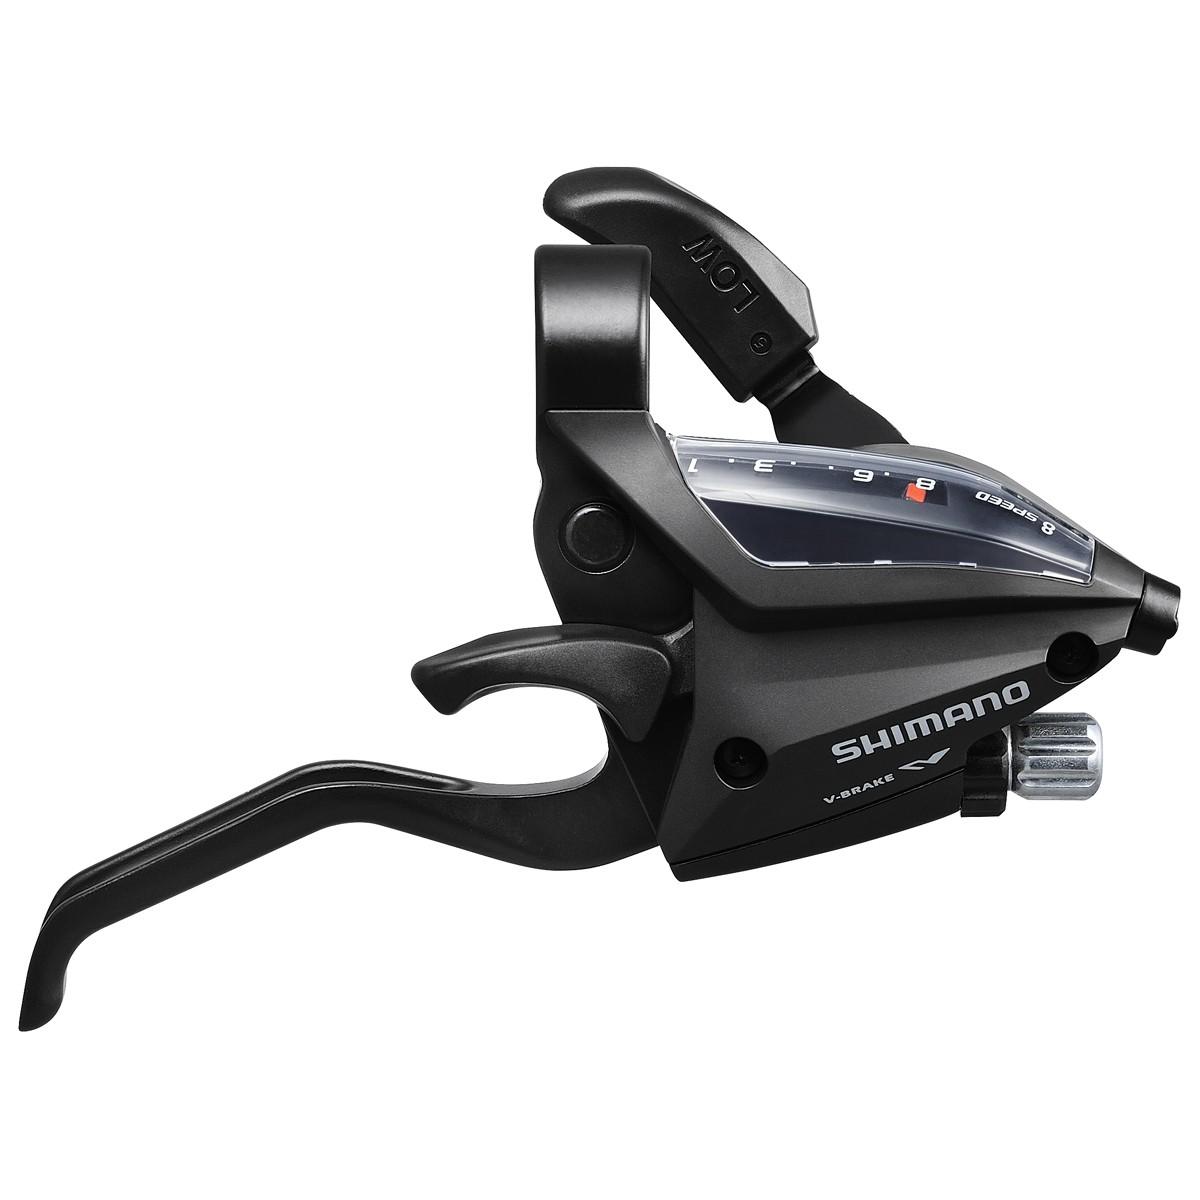 Klamkomanetka SHIMANO ST-EF500 8rz czarna tył